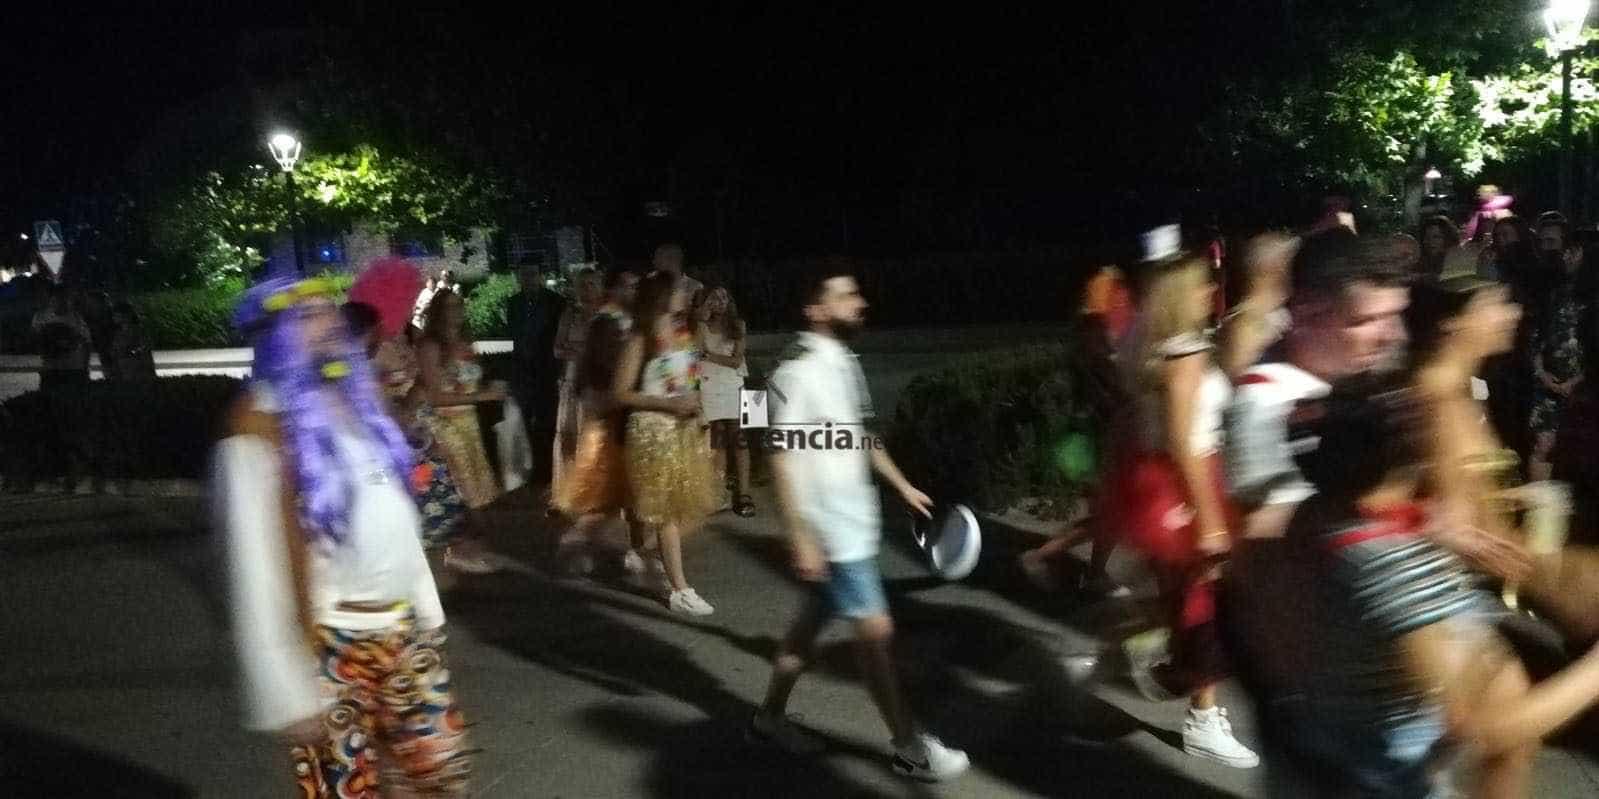 Carnaval de herencia 2019 galeria 46 - Galería de fotografías del Carnaval de Verano 2019